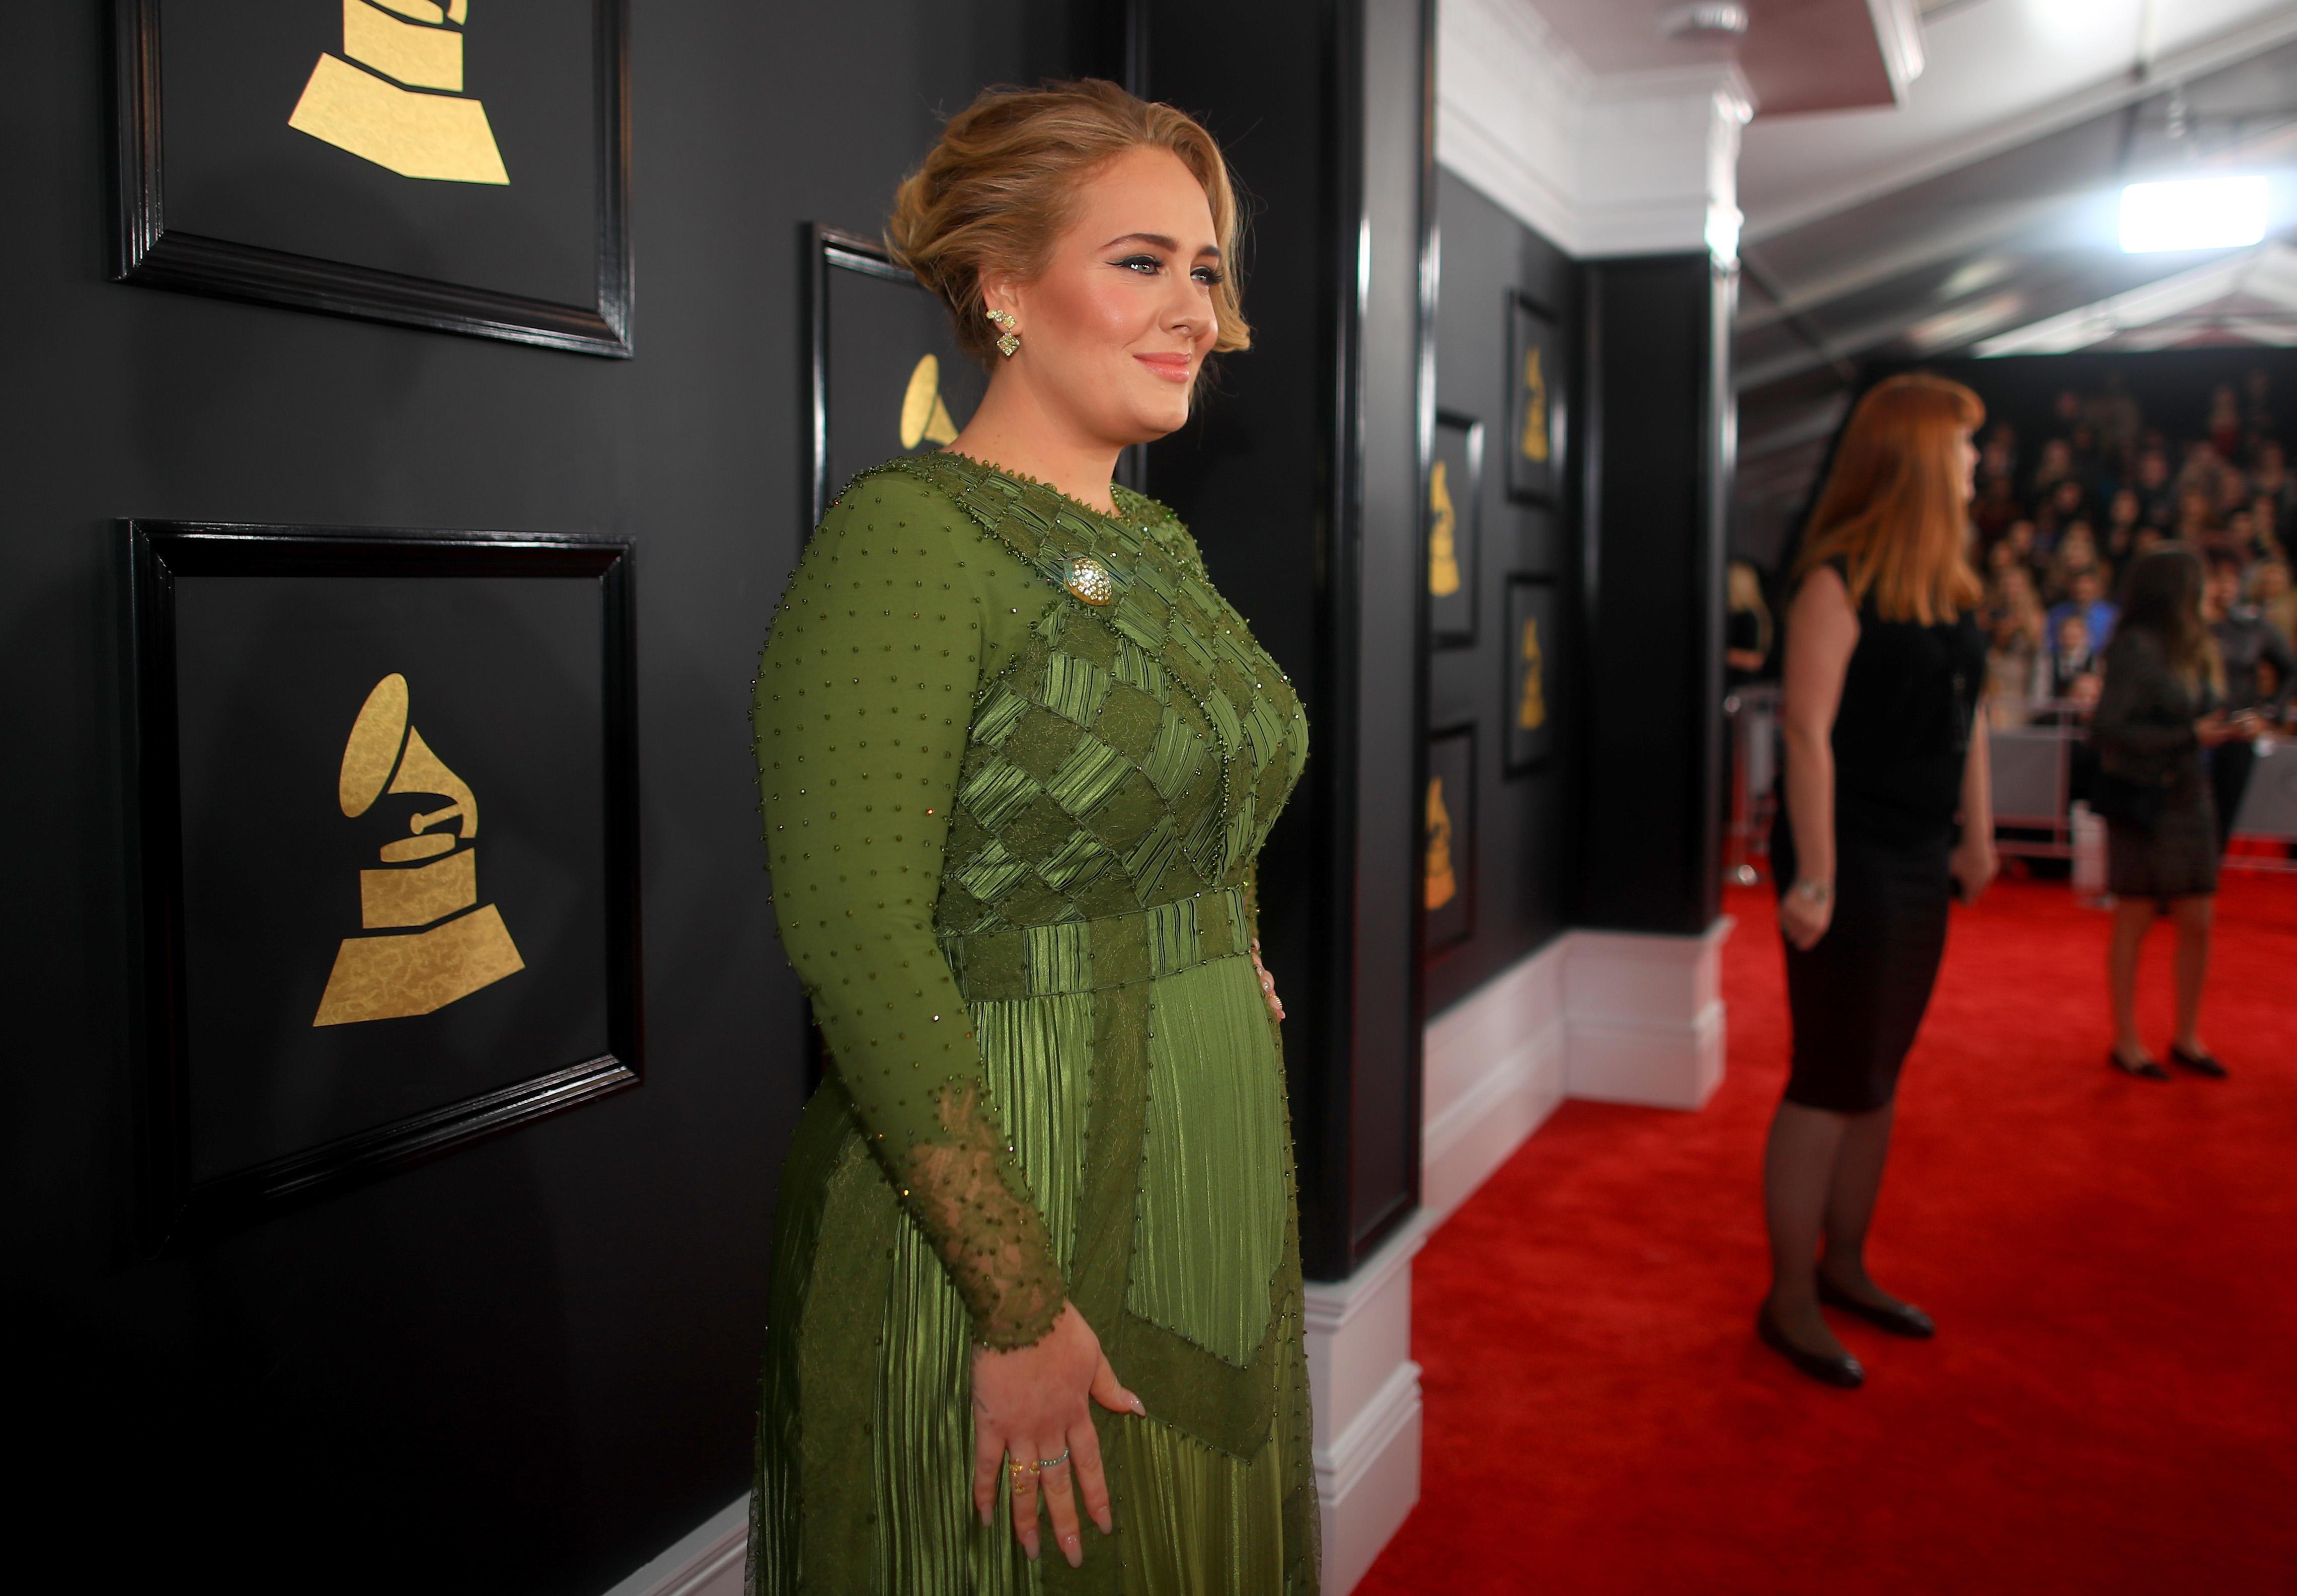 Grammys: Grammys 2017 Red Carpet